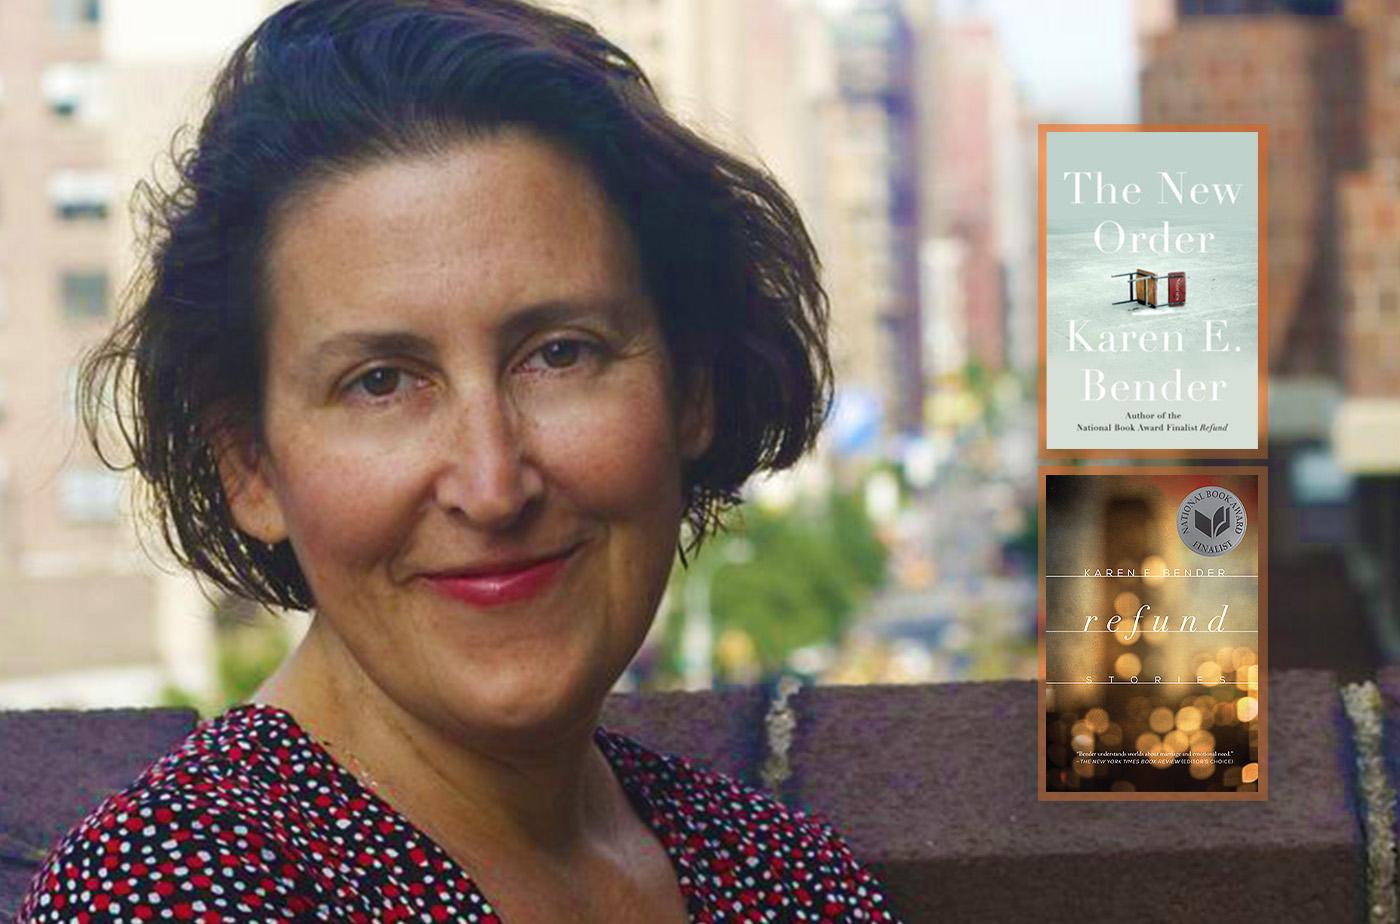 Catapult online classes: Karen E.  Bender, 1-Day Online Fiction Master Class: Exploring Strategies for Story Beginnings, Fiction, Master Class